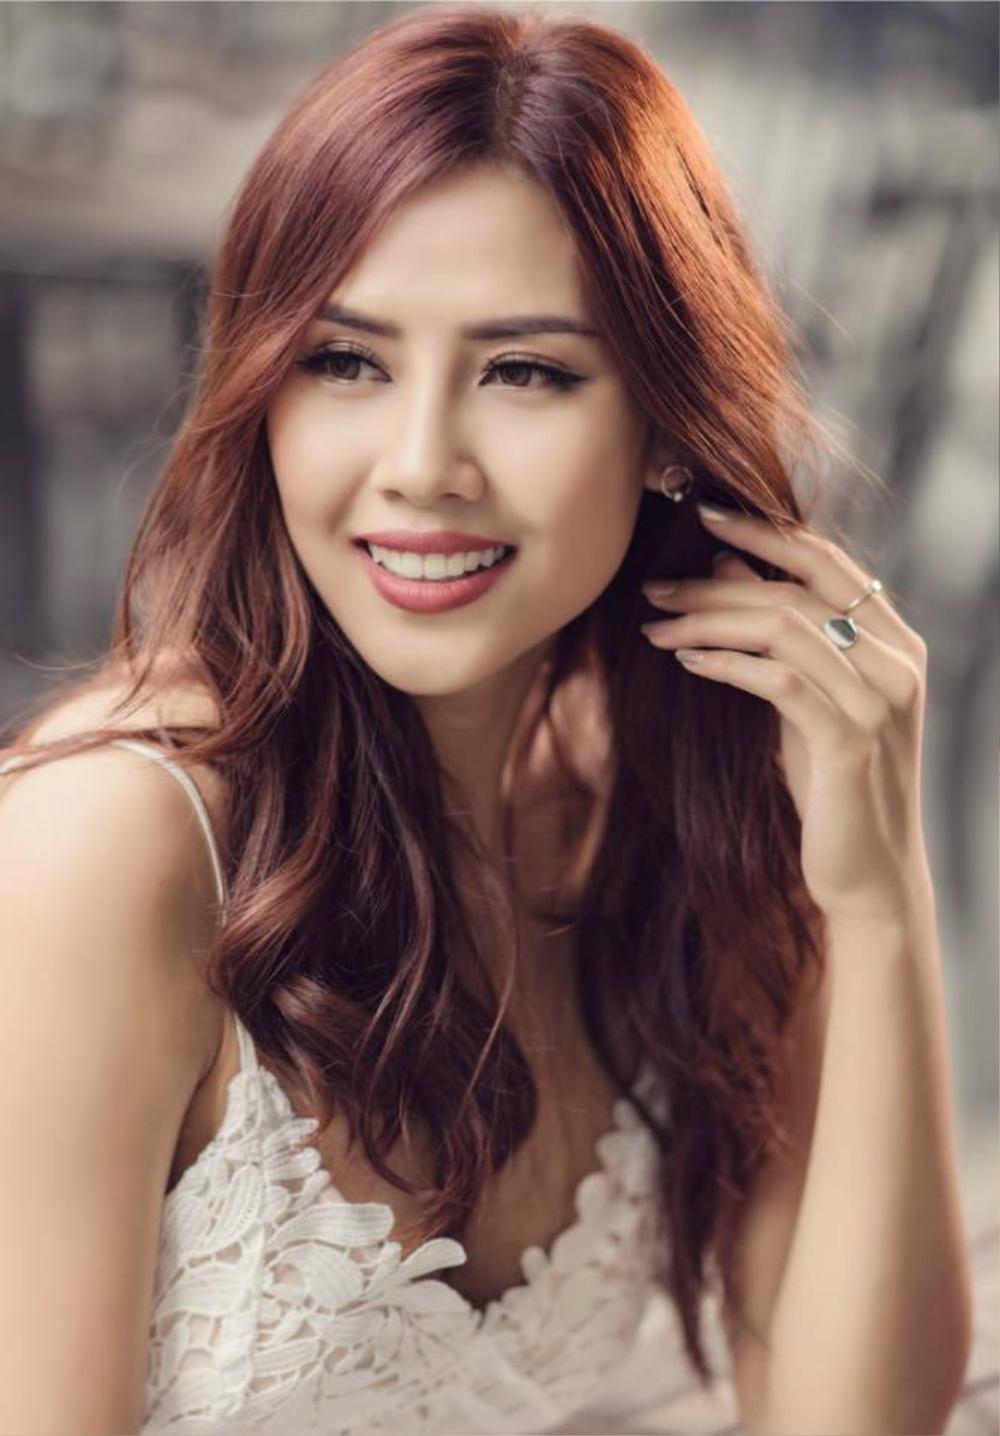 Sức hút mạnh mẽ của 7 hoa hậu 9X độc thân: Minh Tú - Hoàng Thùy - H'Hen Niê xứng danh chiến binh sắc đẹp Ảnh 14